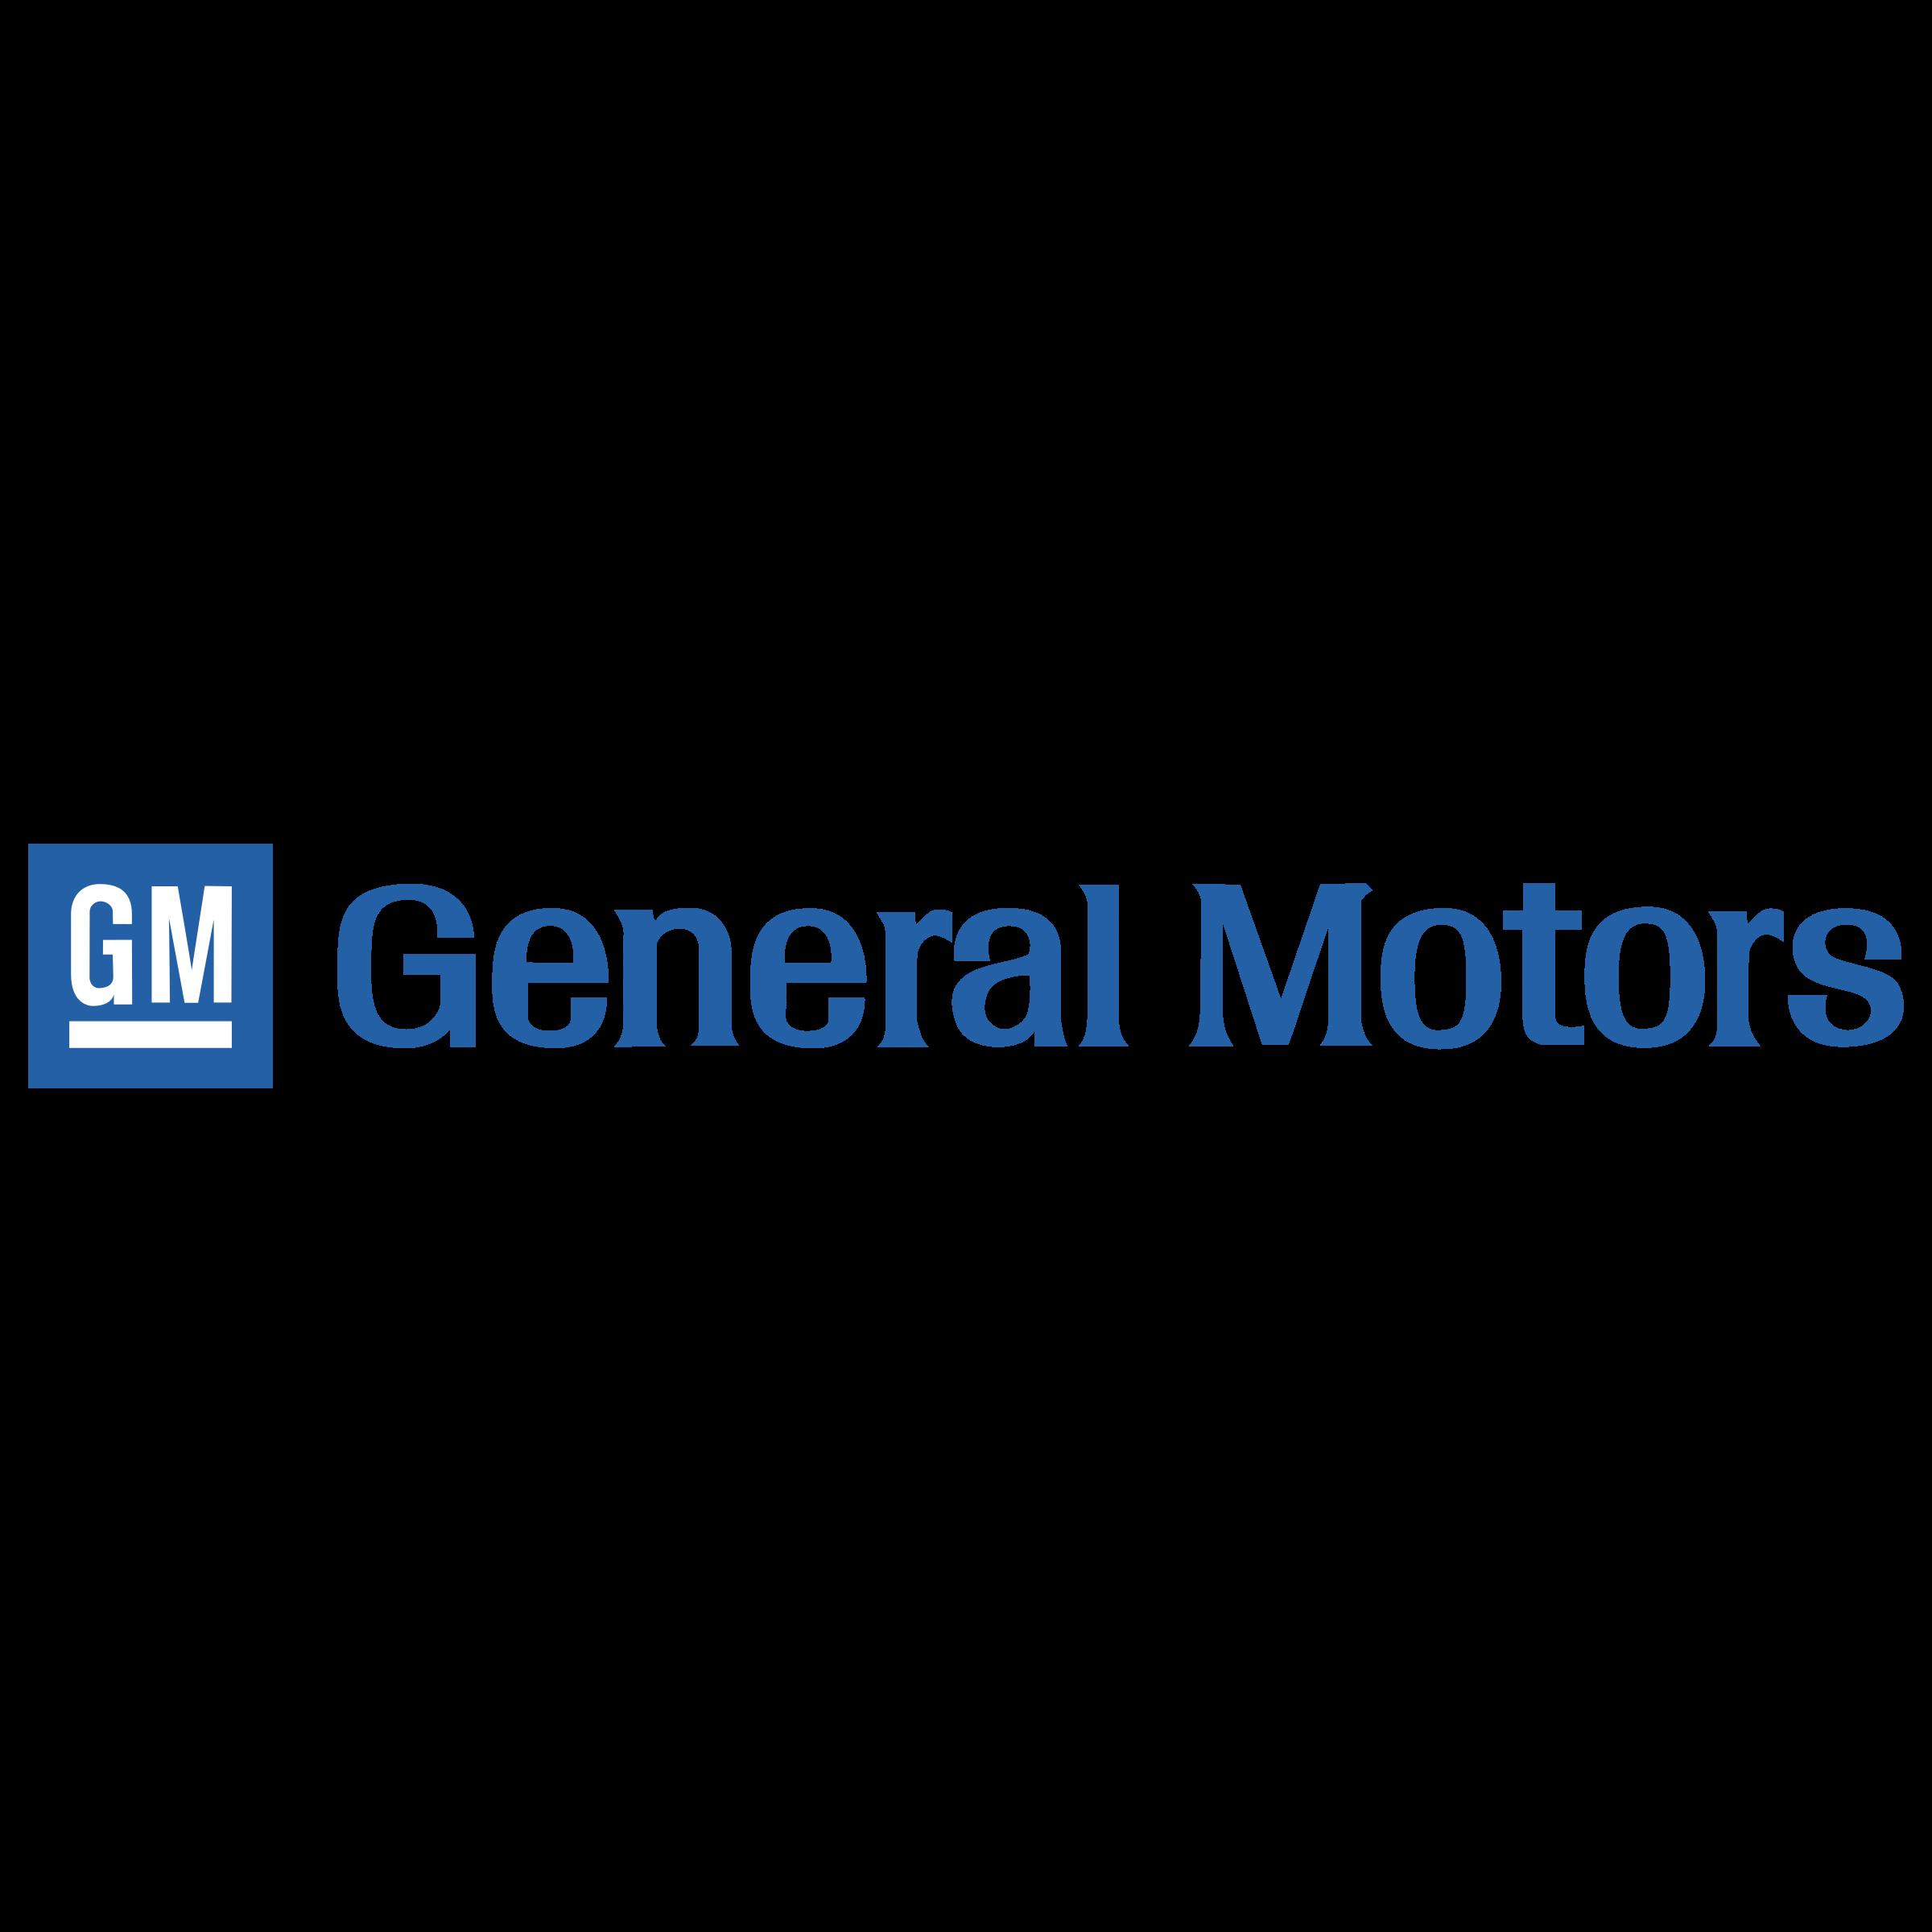 General Motors Logo PNG Transparent & SVG Vector.